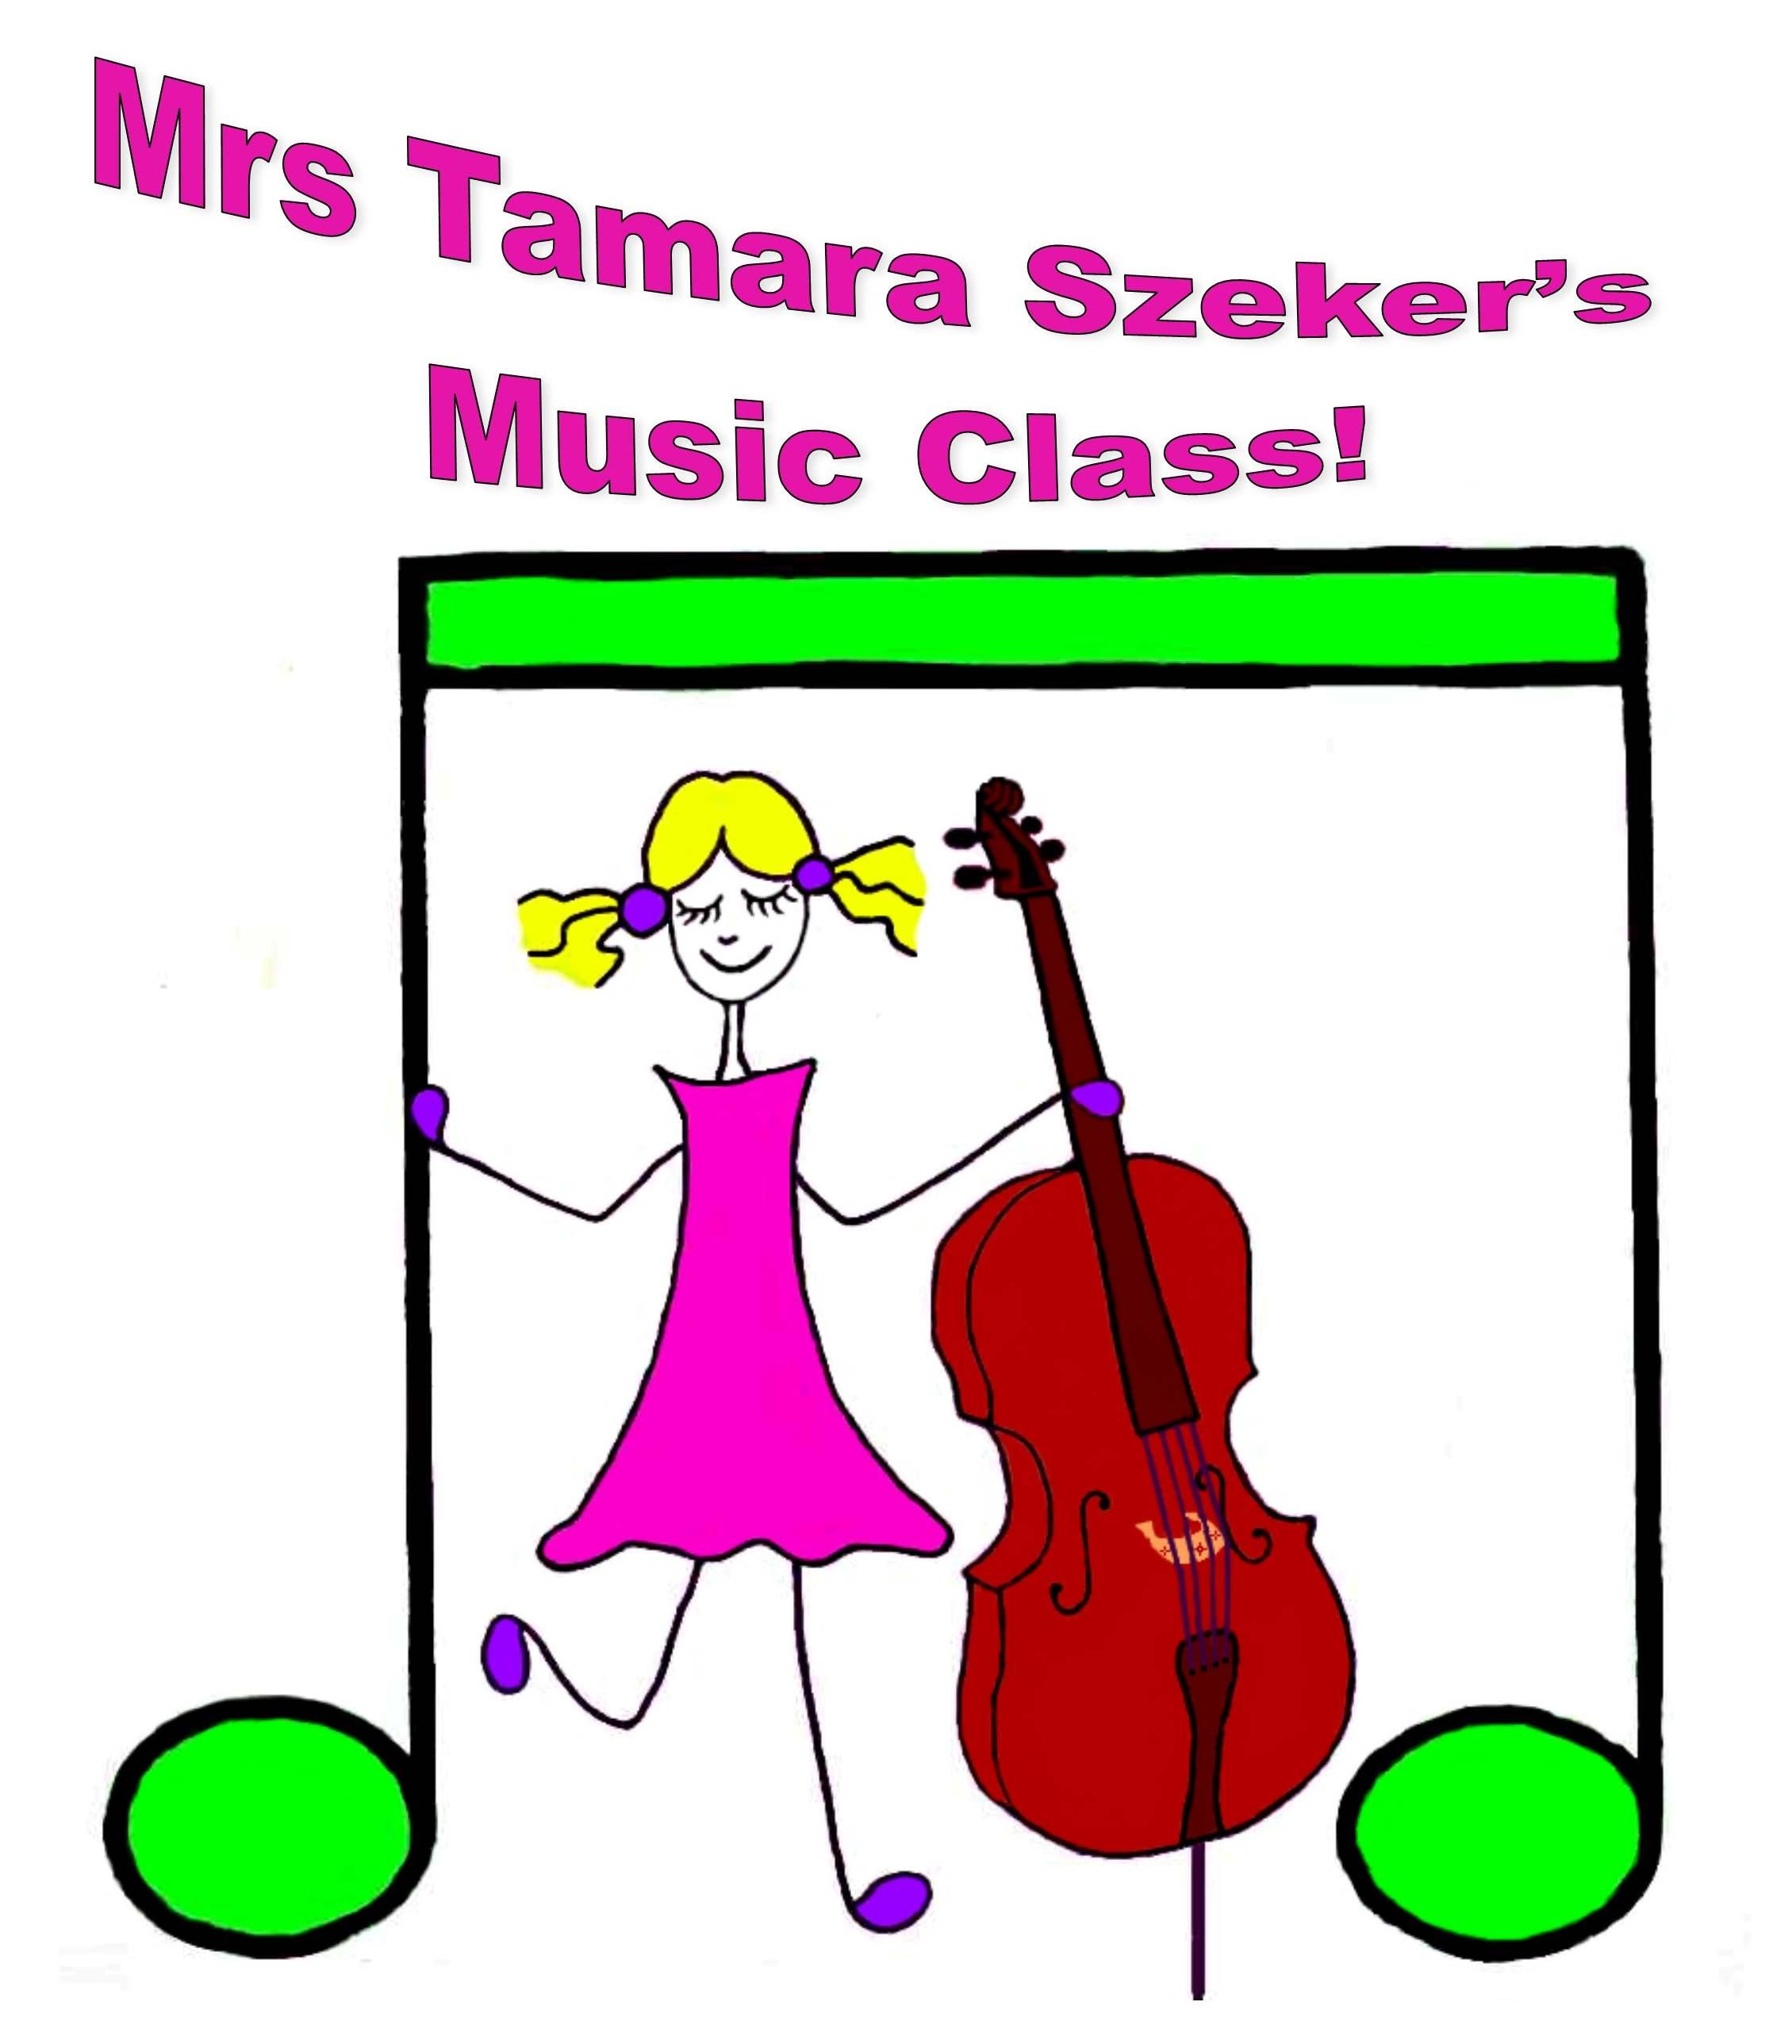 Mrs Tamara Szeker's Music Class